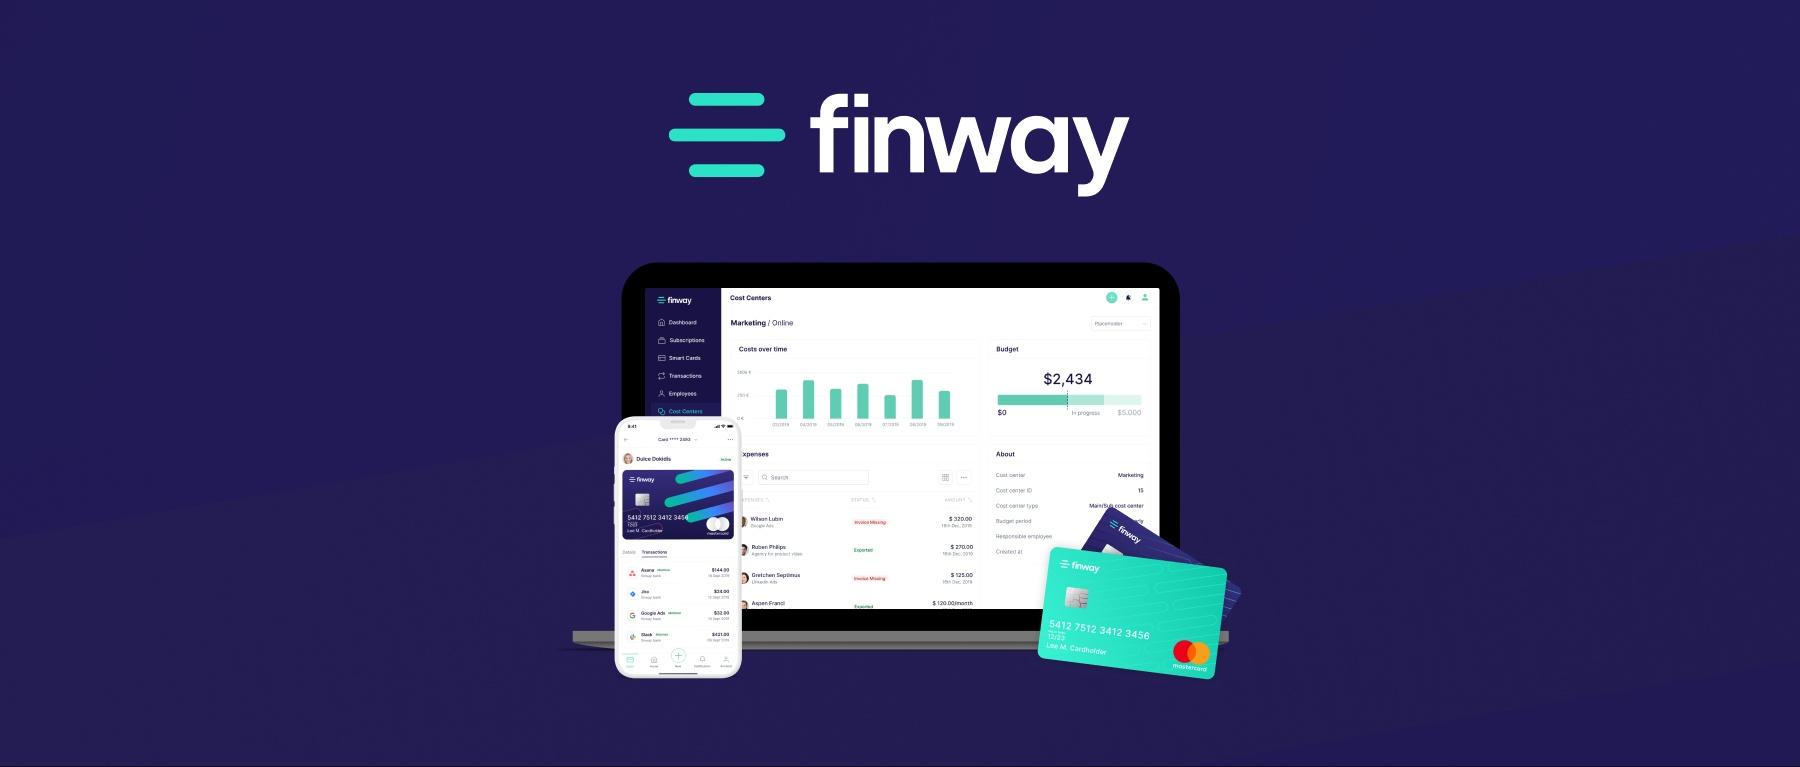 Alle Infos Zu den Virtuellen Kreditkarten von FinWay Finden Sie Hier